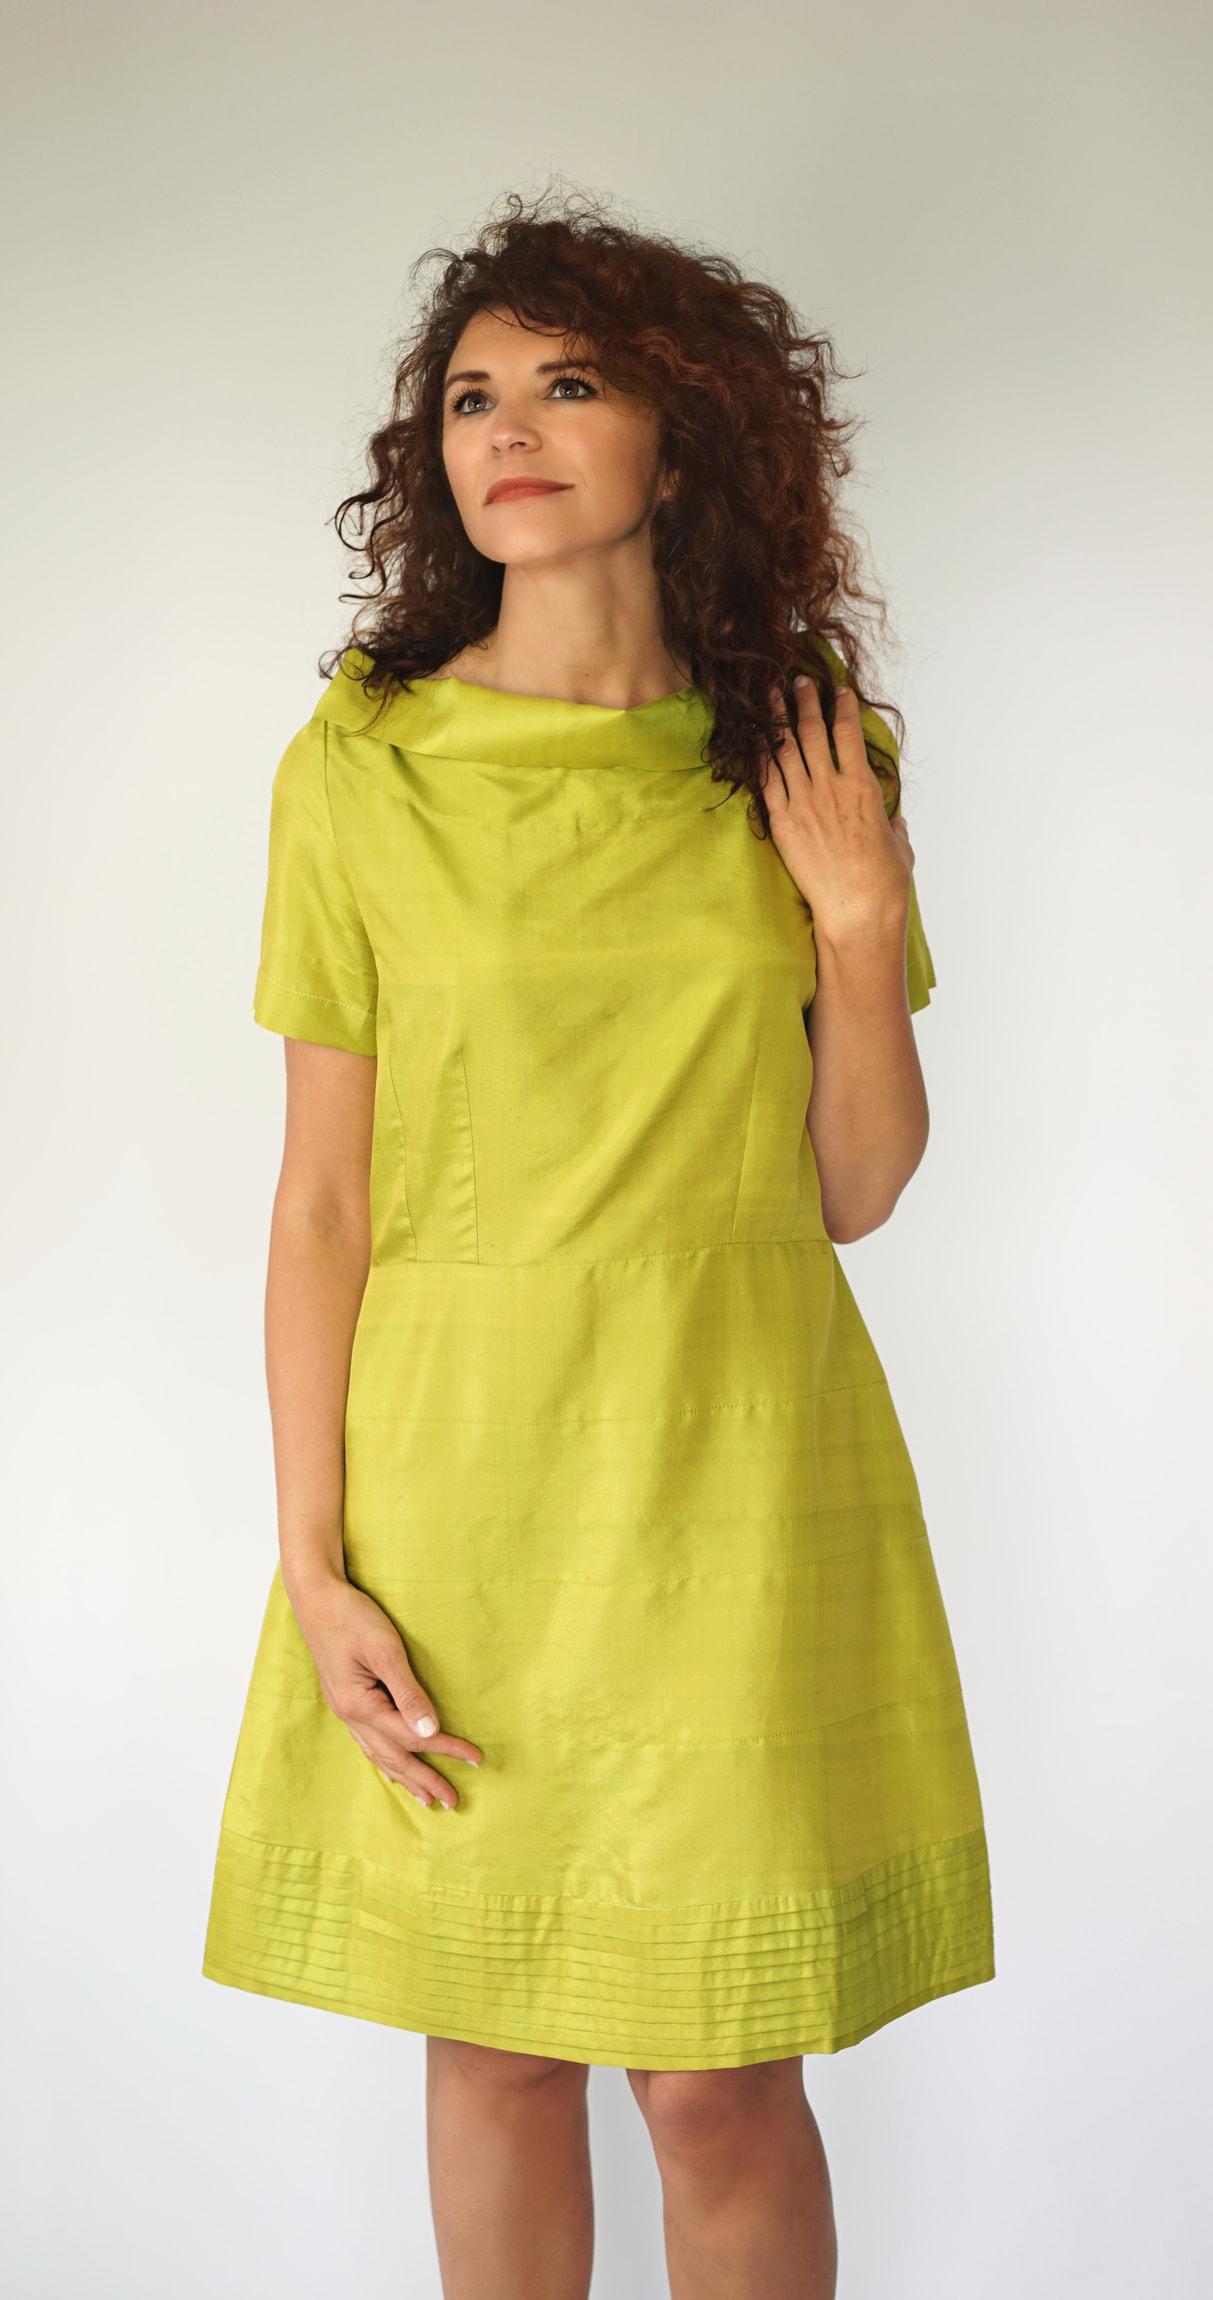 robe en soie naturelle vert absinthe, manches courtes, col bateau montant, ajustée à la taille